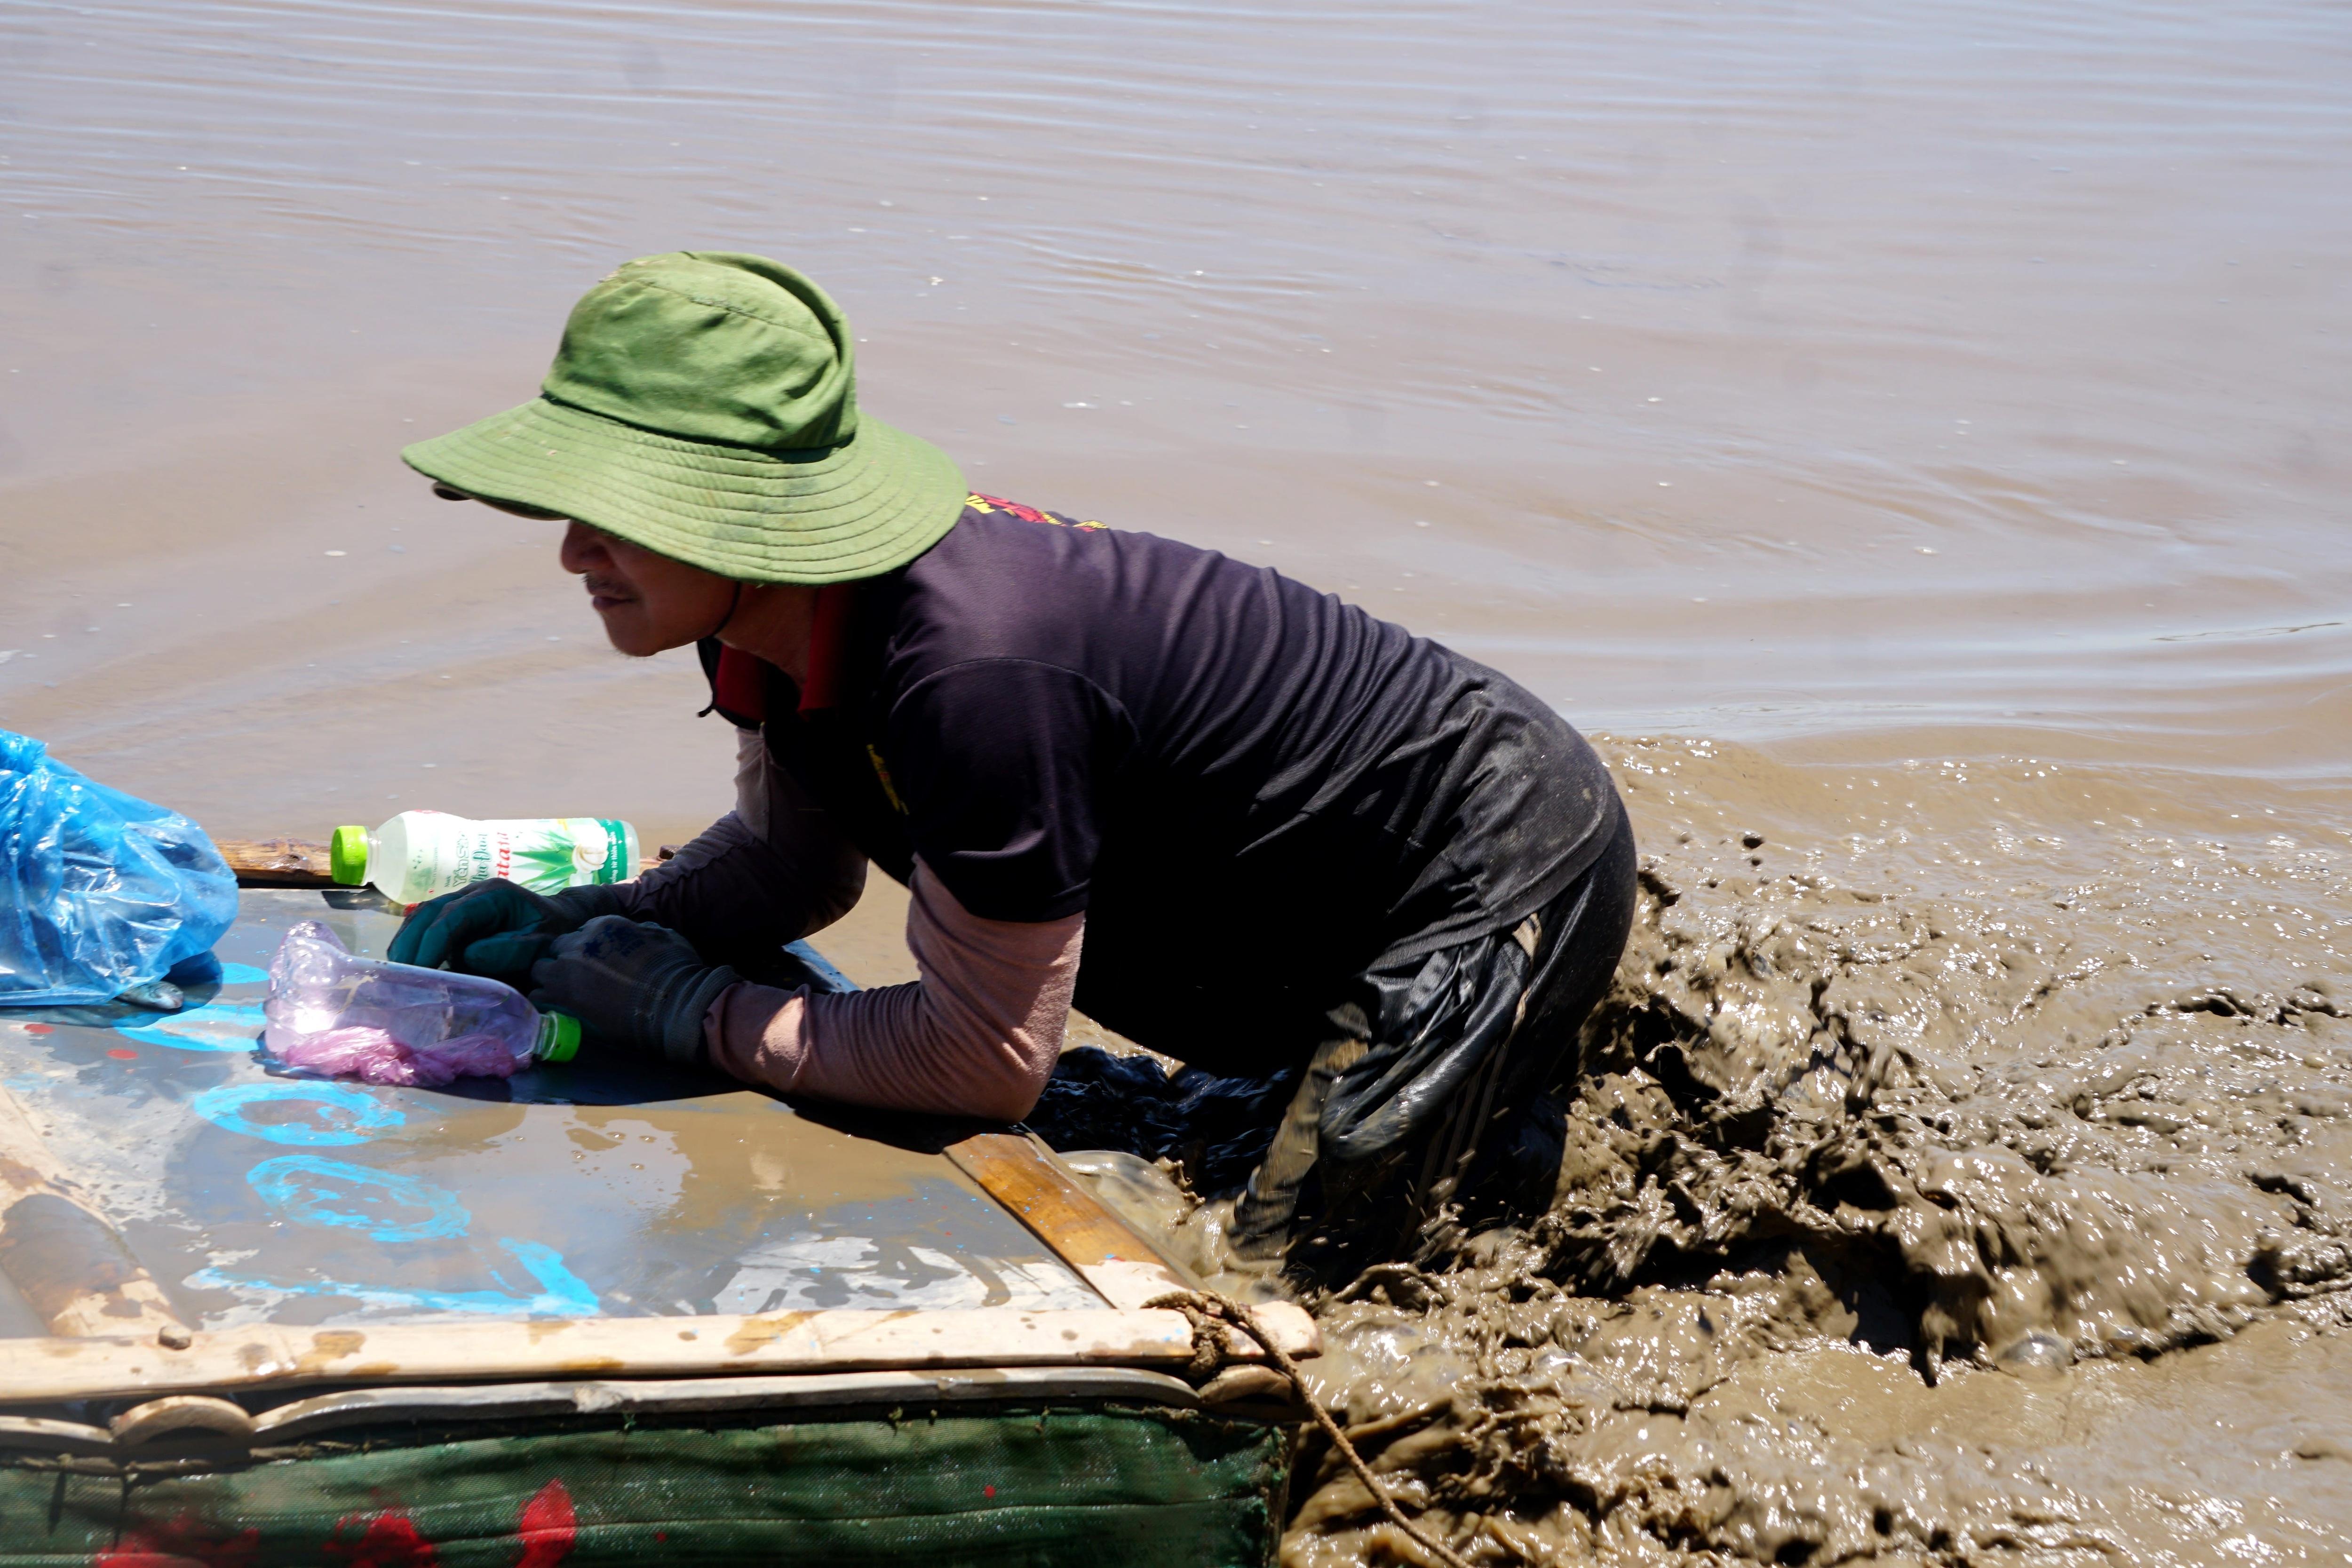 Ngư dân mướt mồ hôi lội bùn đẩy cạn giữa trưa nắng - 6